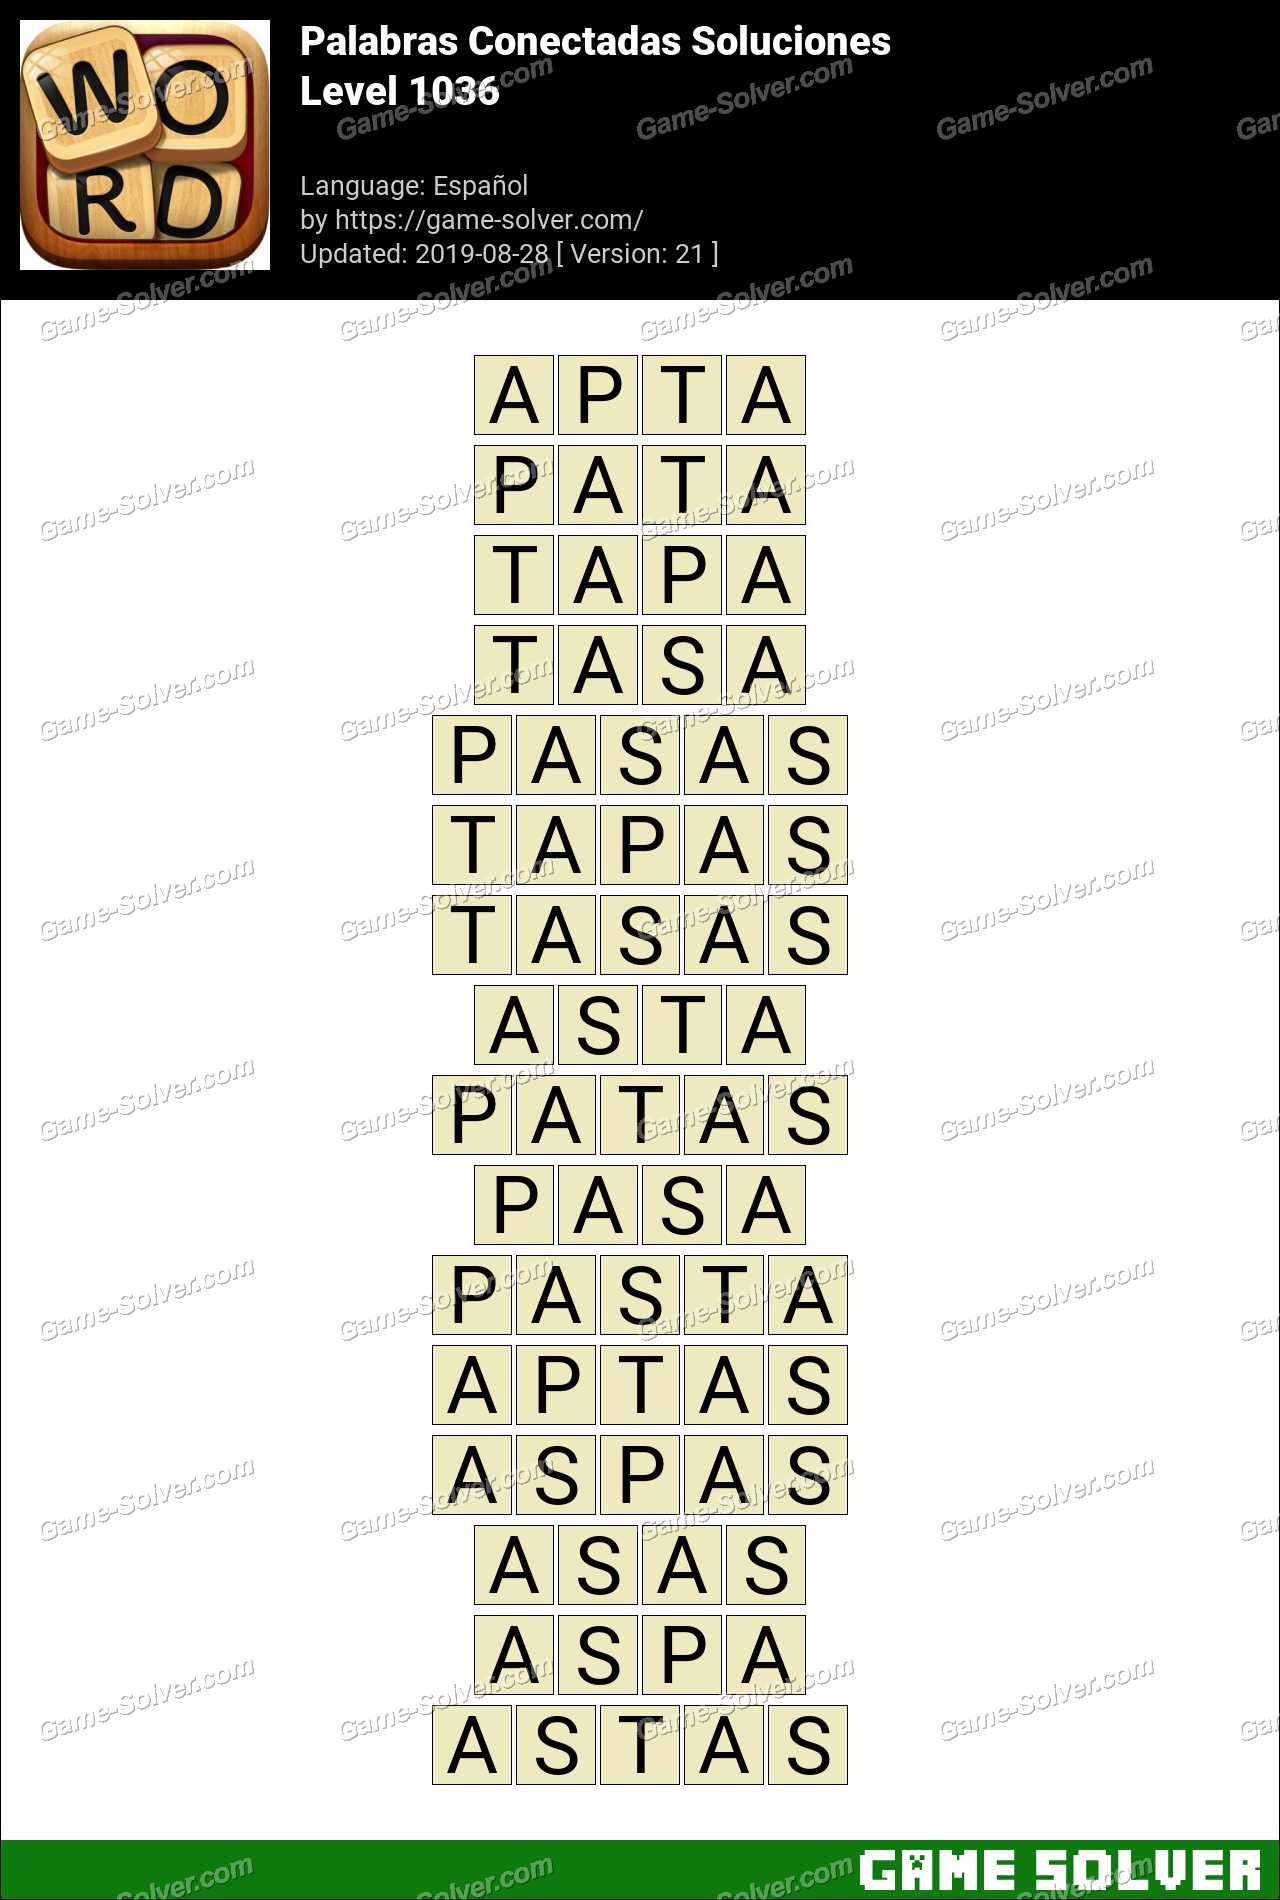 Palabras Conectadas Nivel 1036 Soluciones